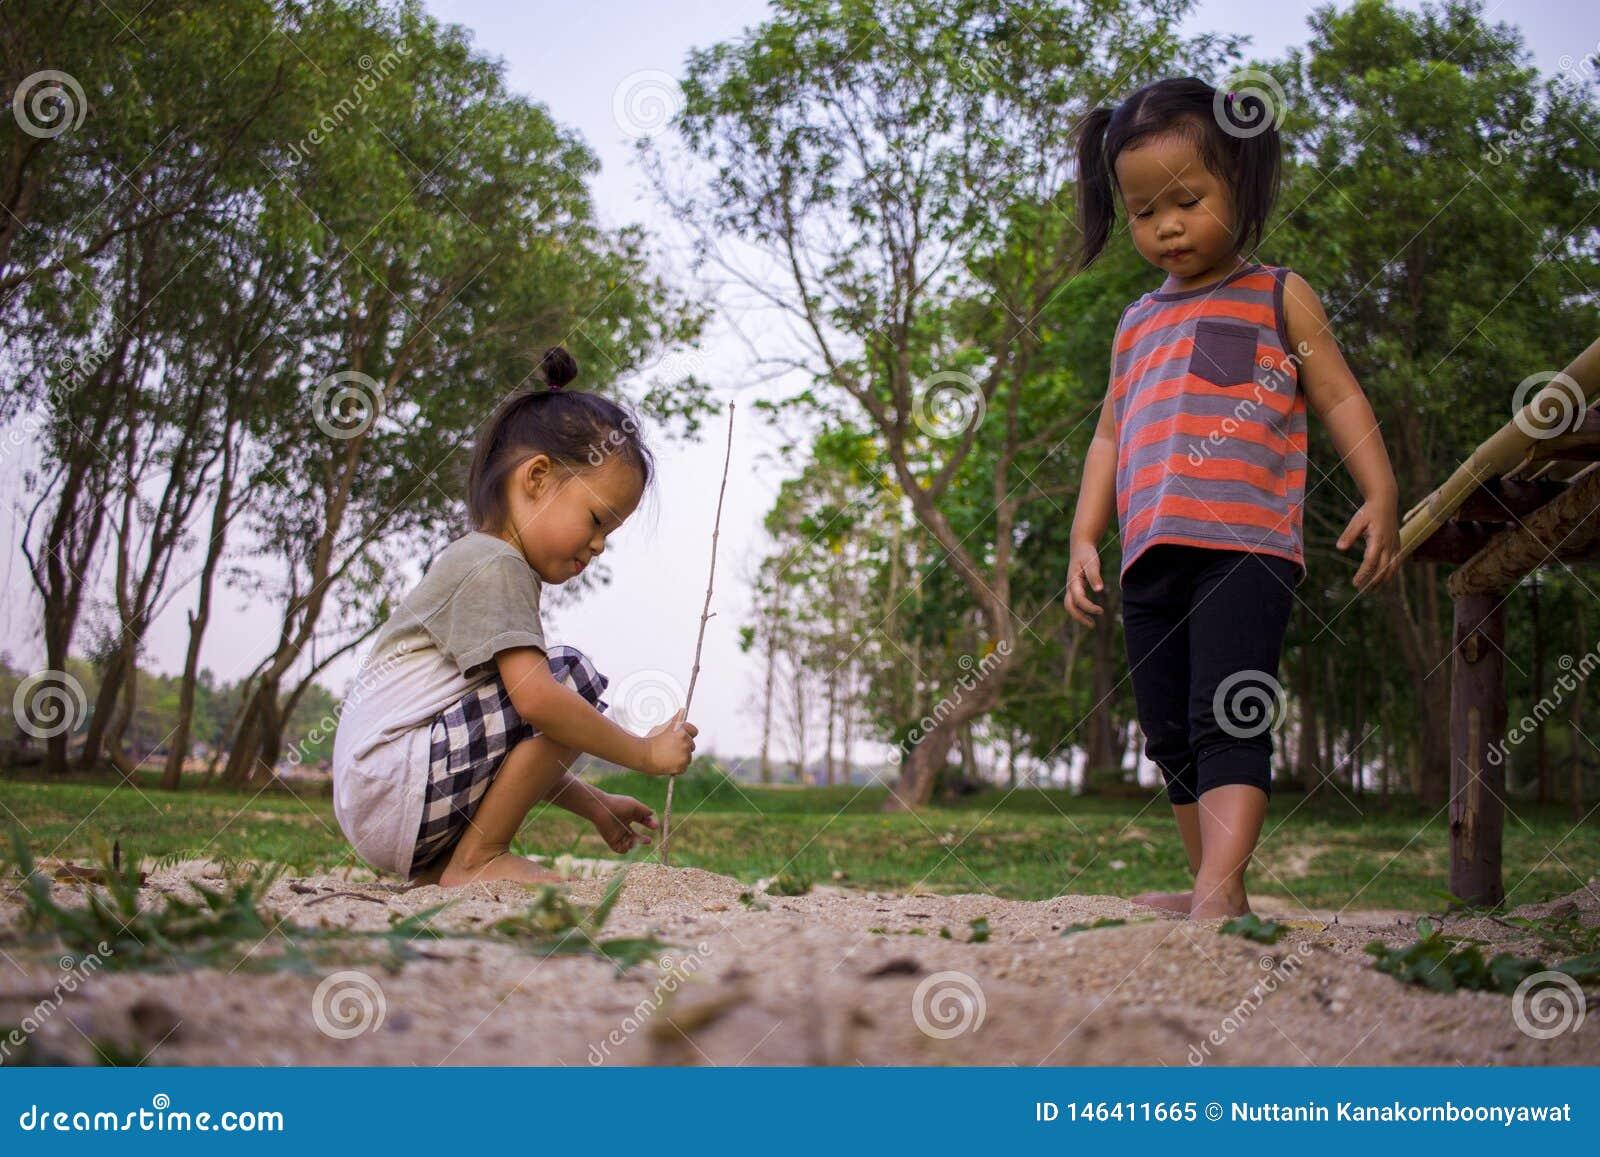 Het gelukkige kind spelen met zand, Grappige Aziatische familie in een park